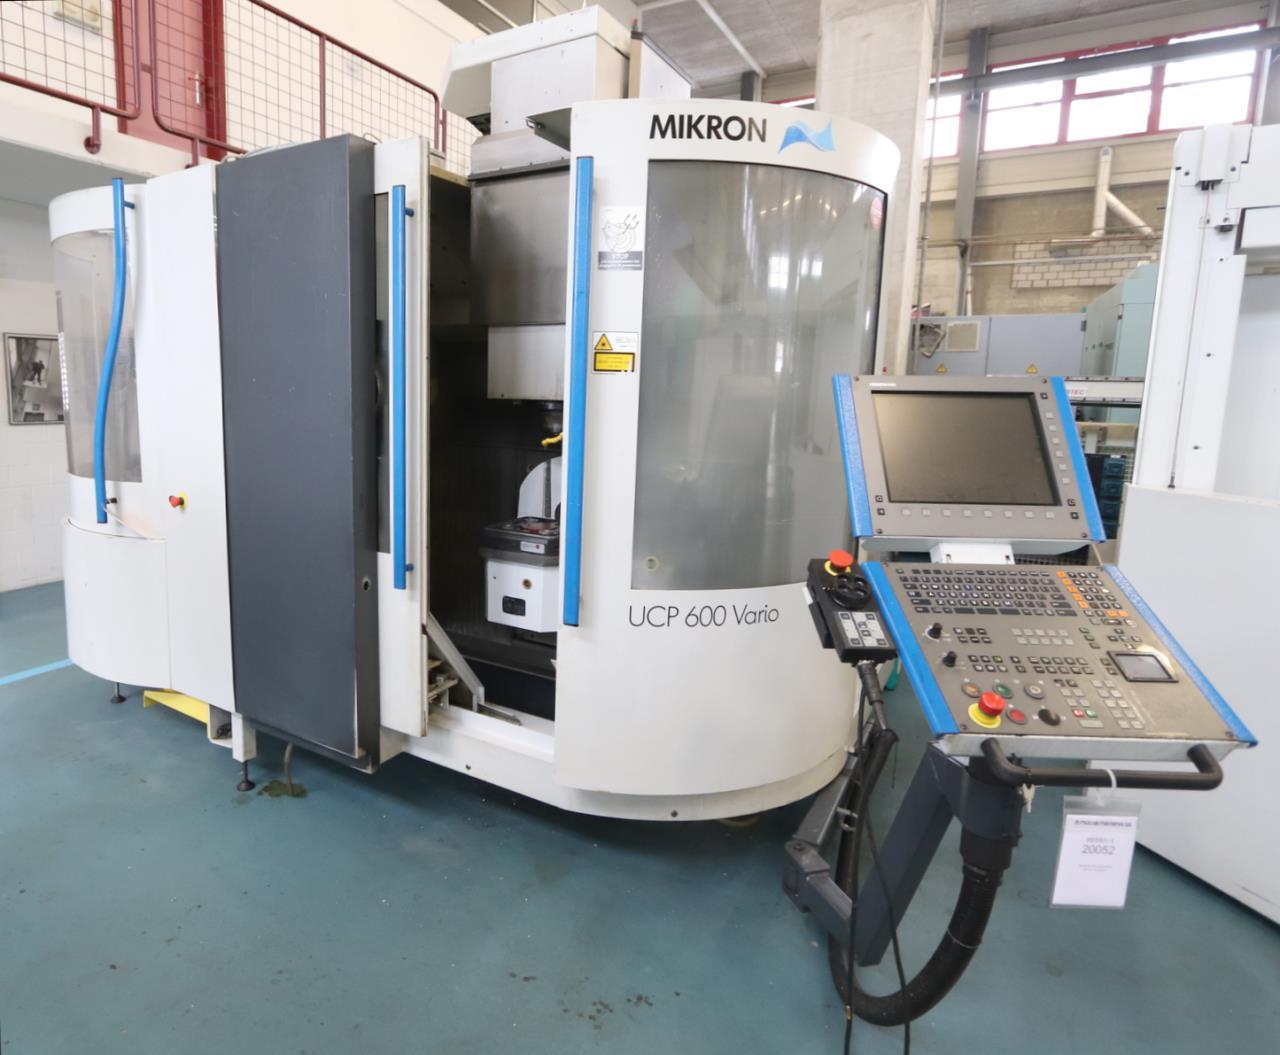 MIKRON UCP 600 VARIO二手立式加工中心进口中检手续